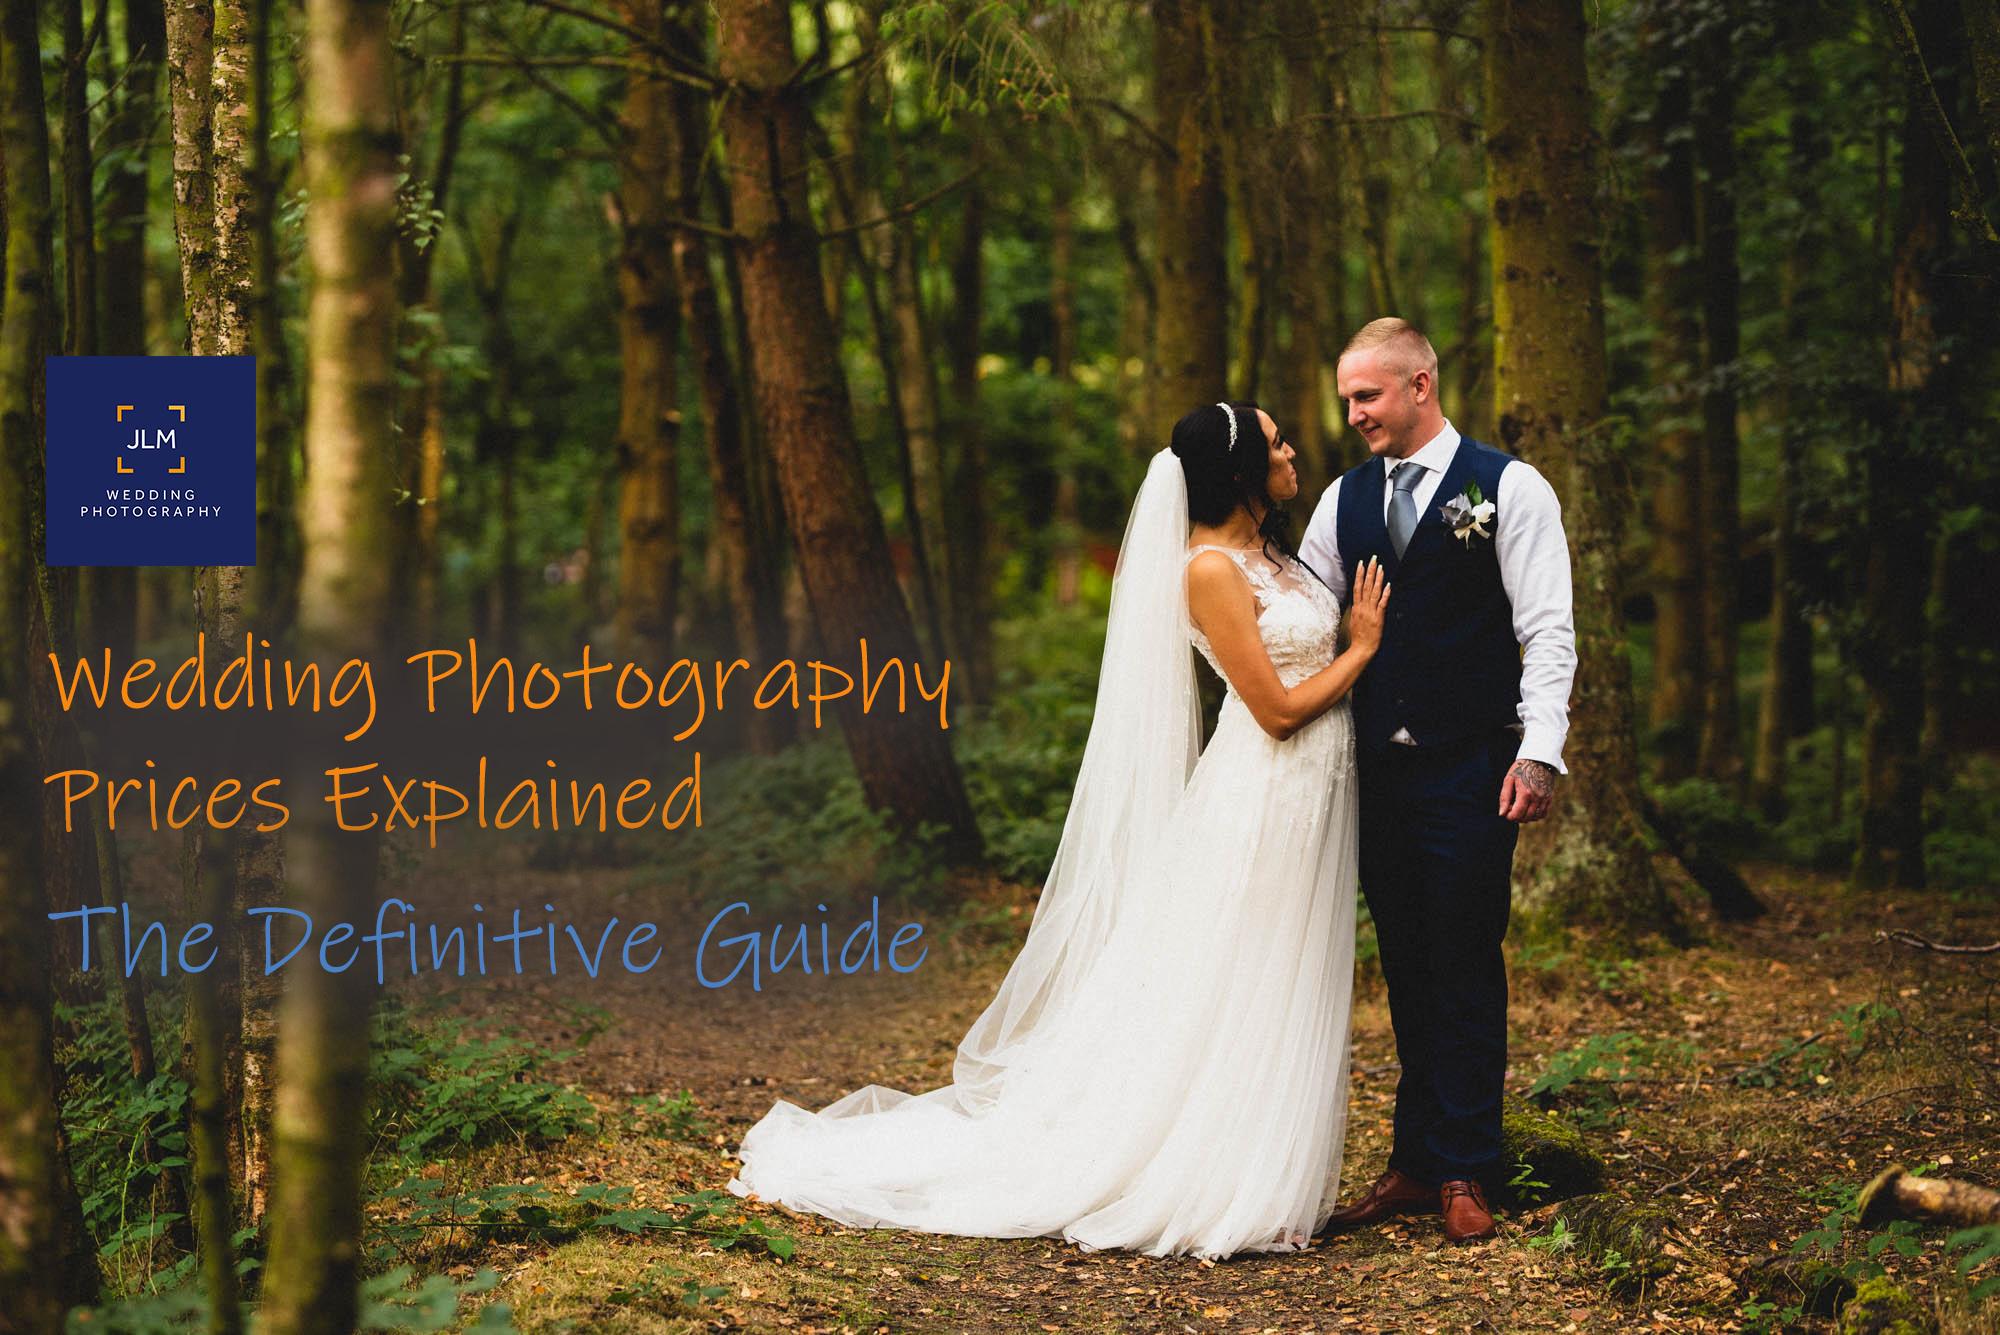 Average Wedding Photographer Cost Uk: JLM Wedding Photography